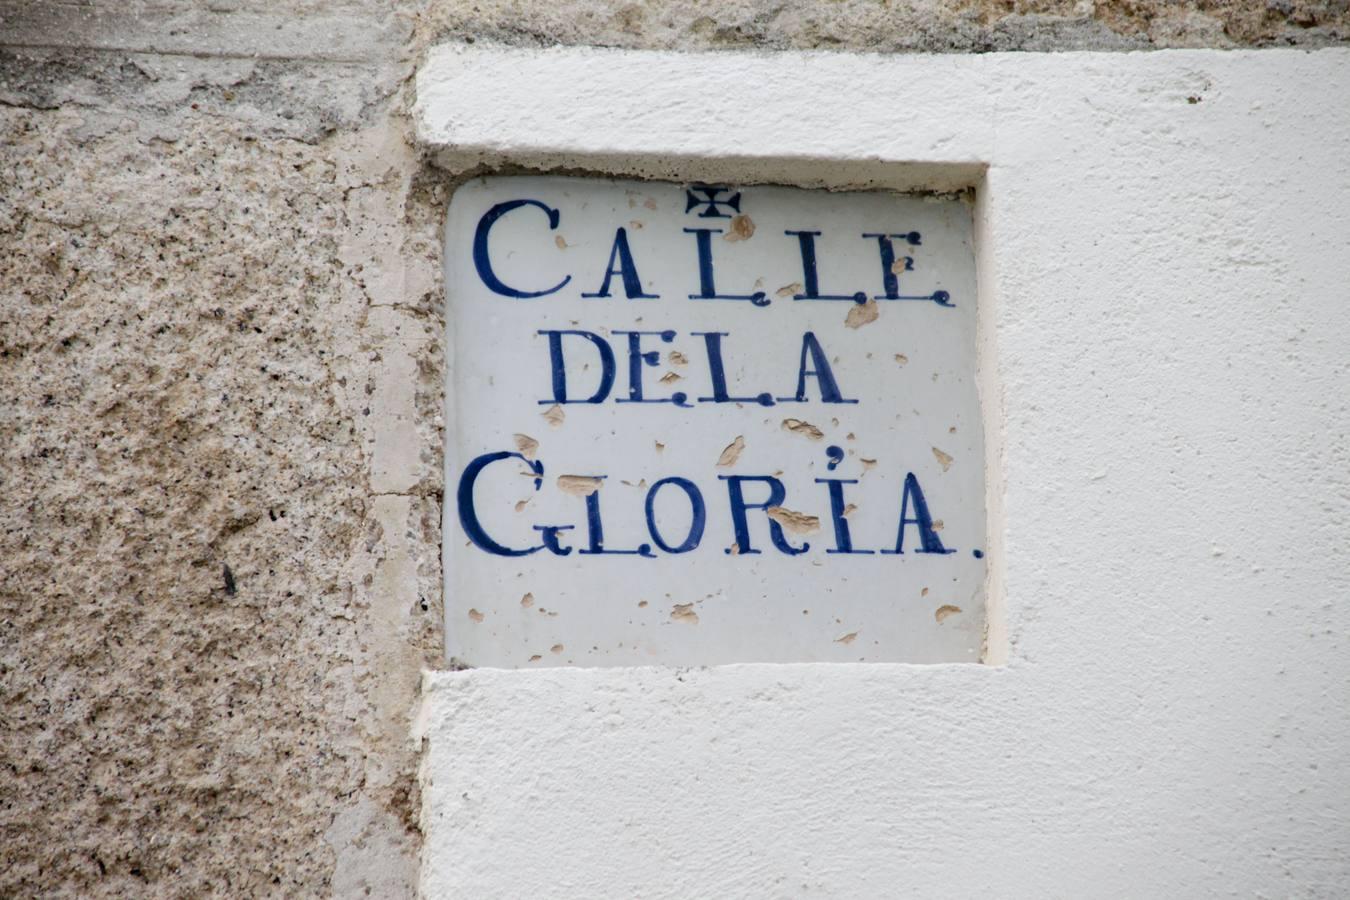 Perviven 11 azulejos de calles del siglo XVIII